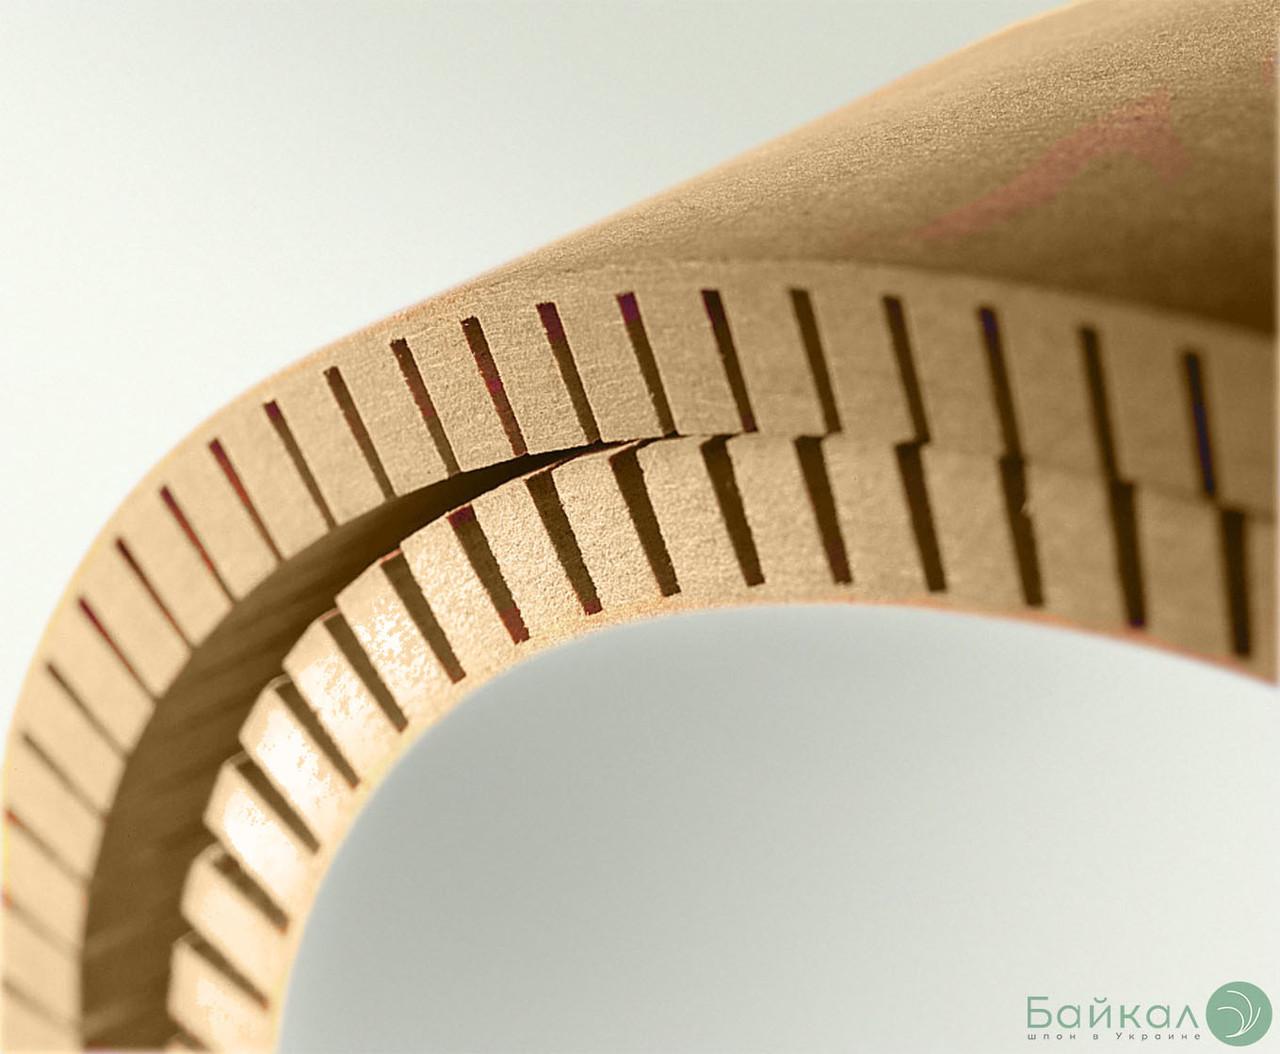 МДФ гибкий с прорезью 8 мм - 2,85х1,03 м - продольное кручение